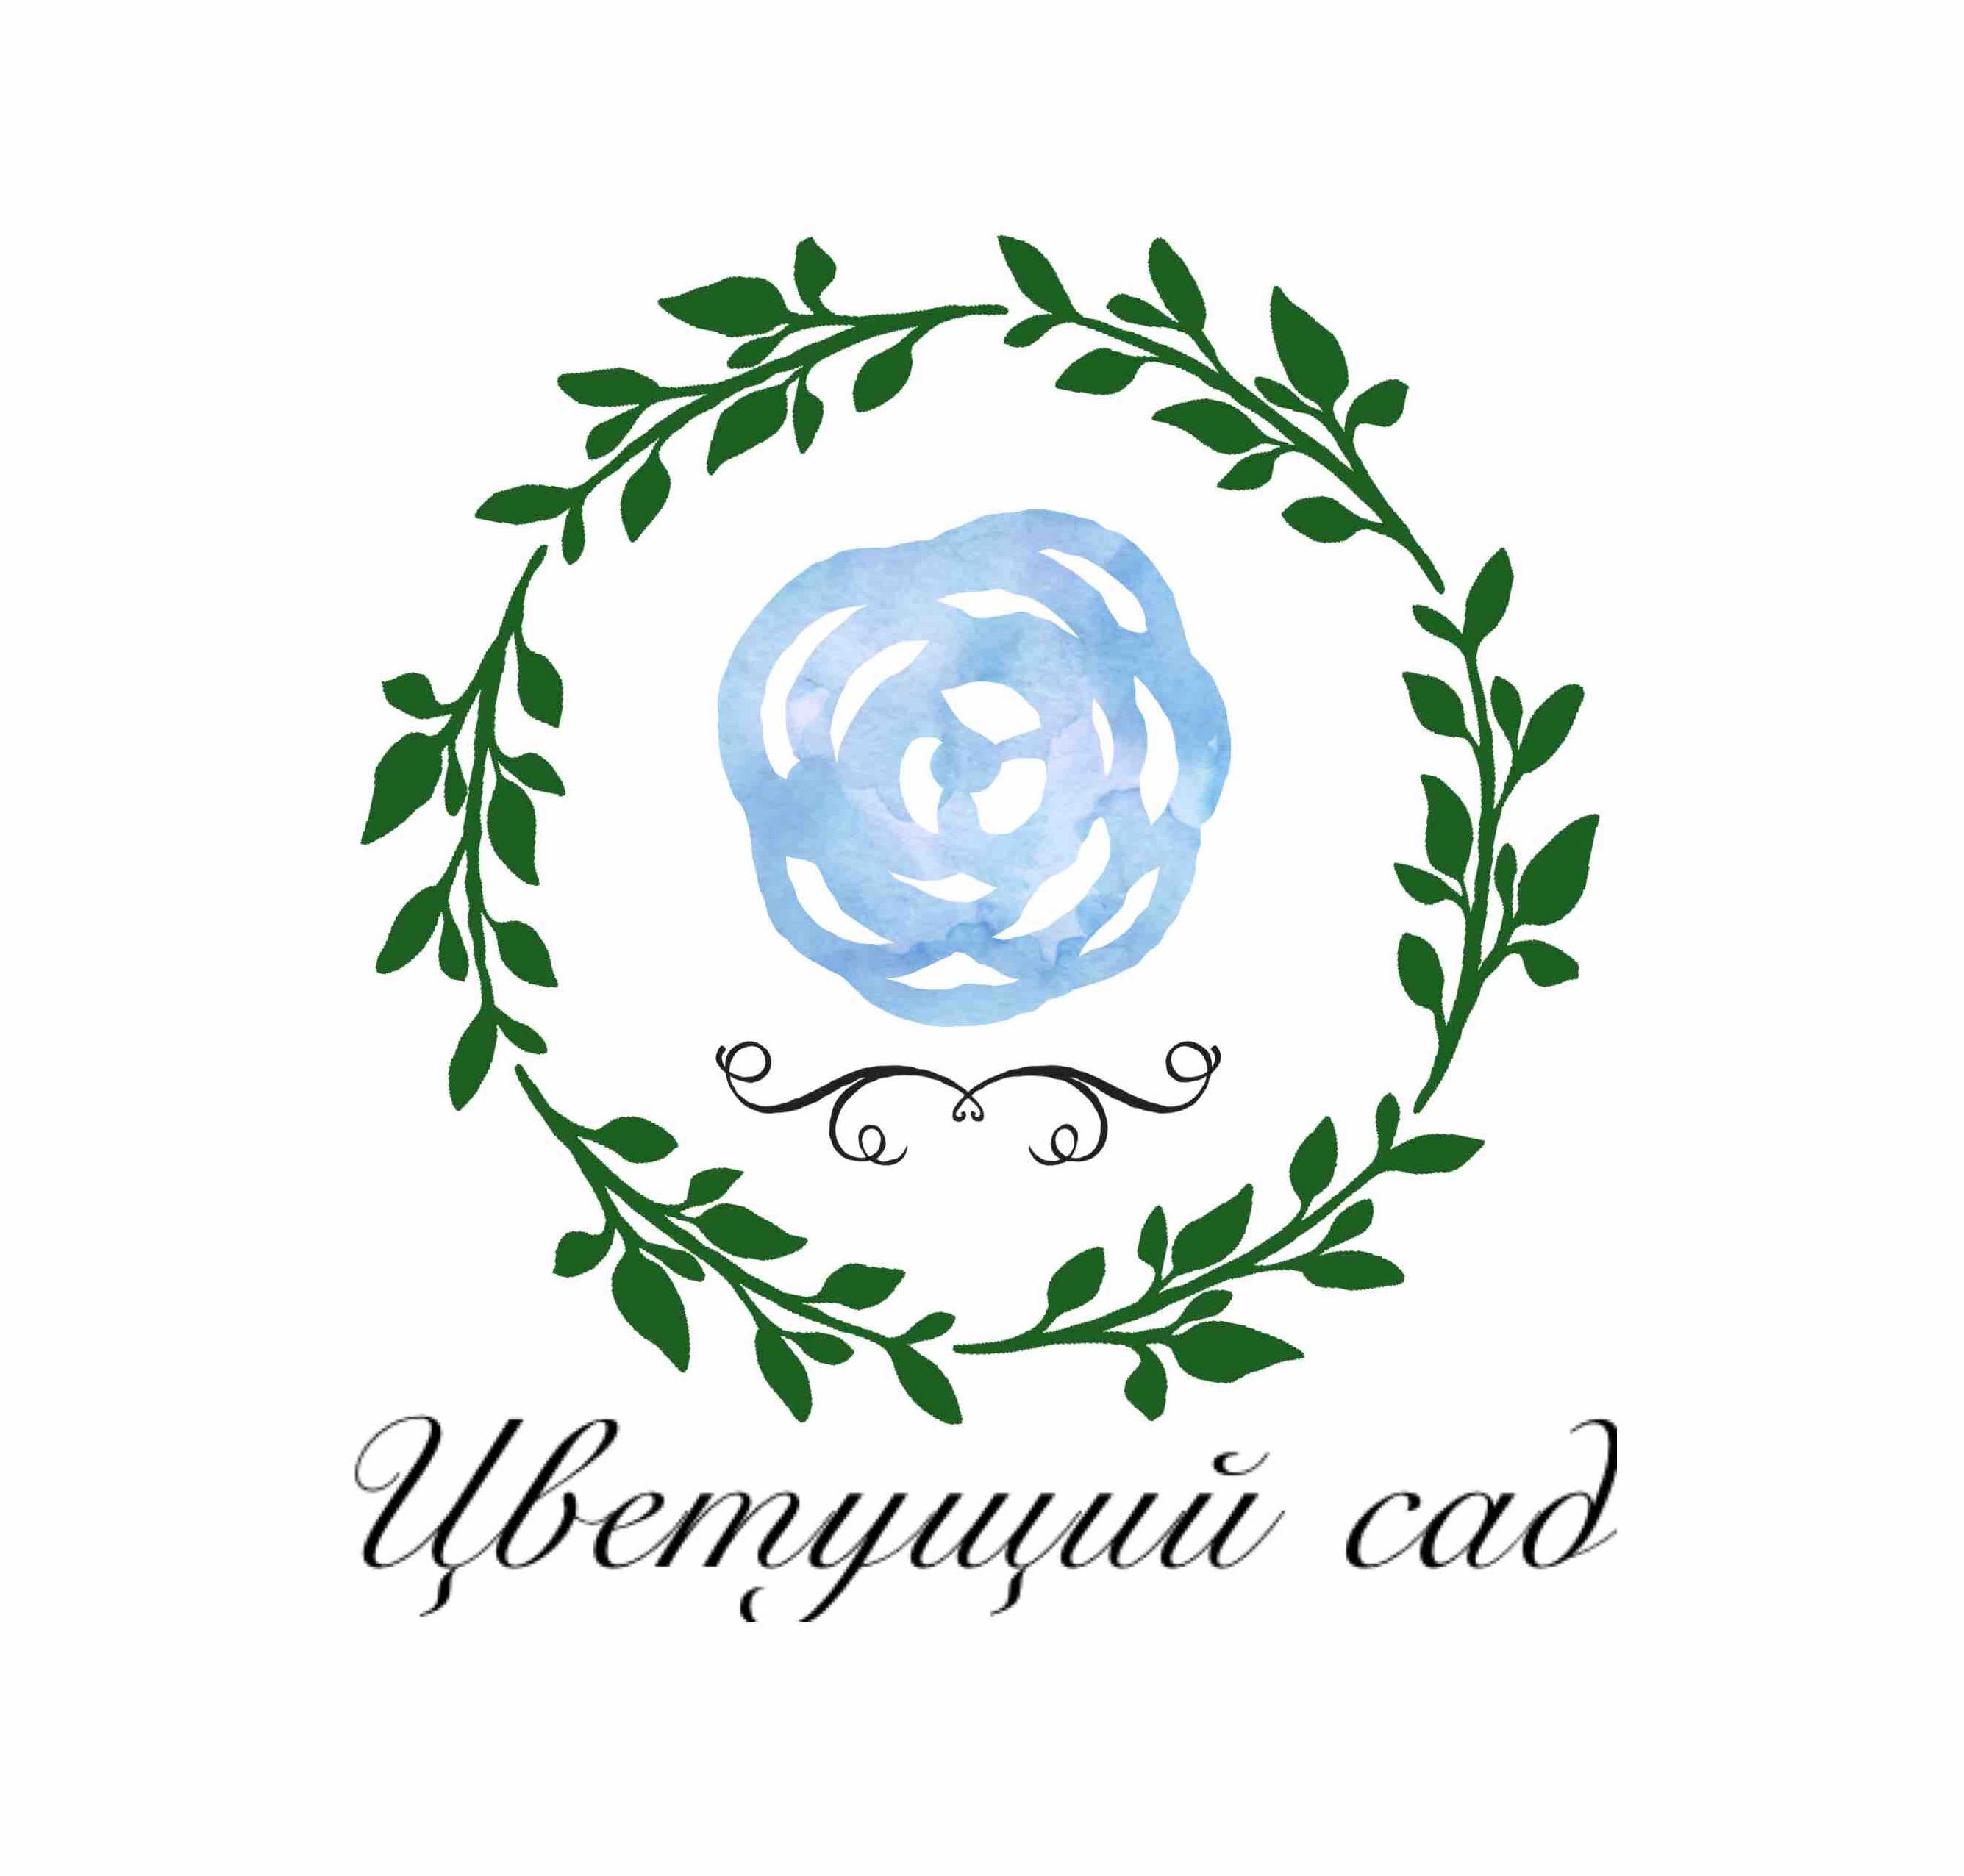 """Логотип для компании """"Цветущий сад"""" фото f_8795b6980db83562.jpg"""